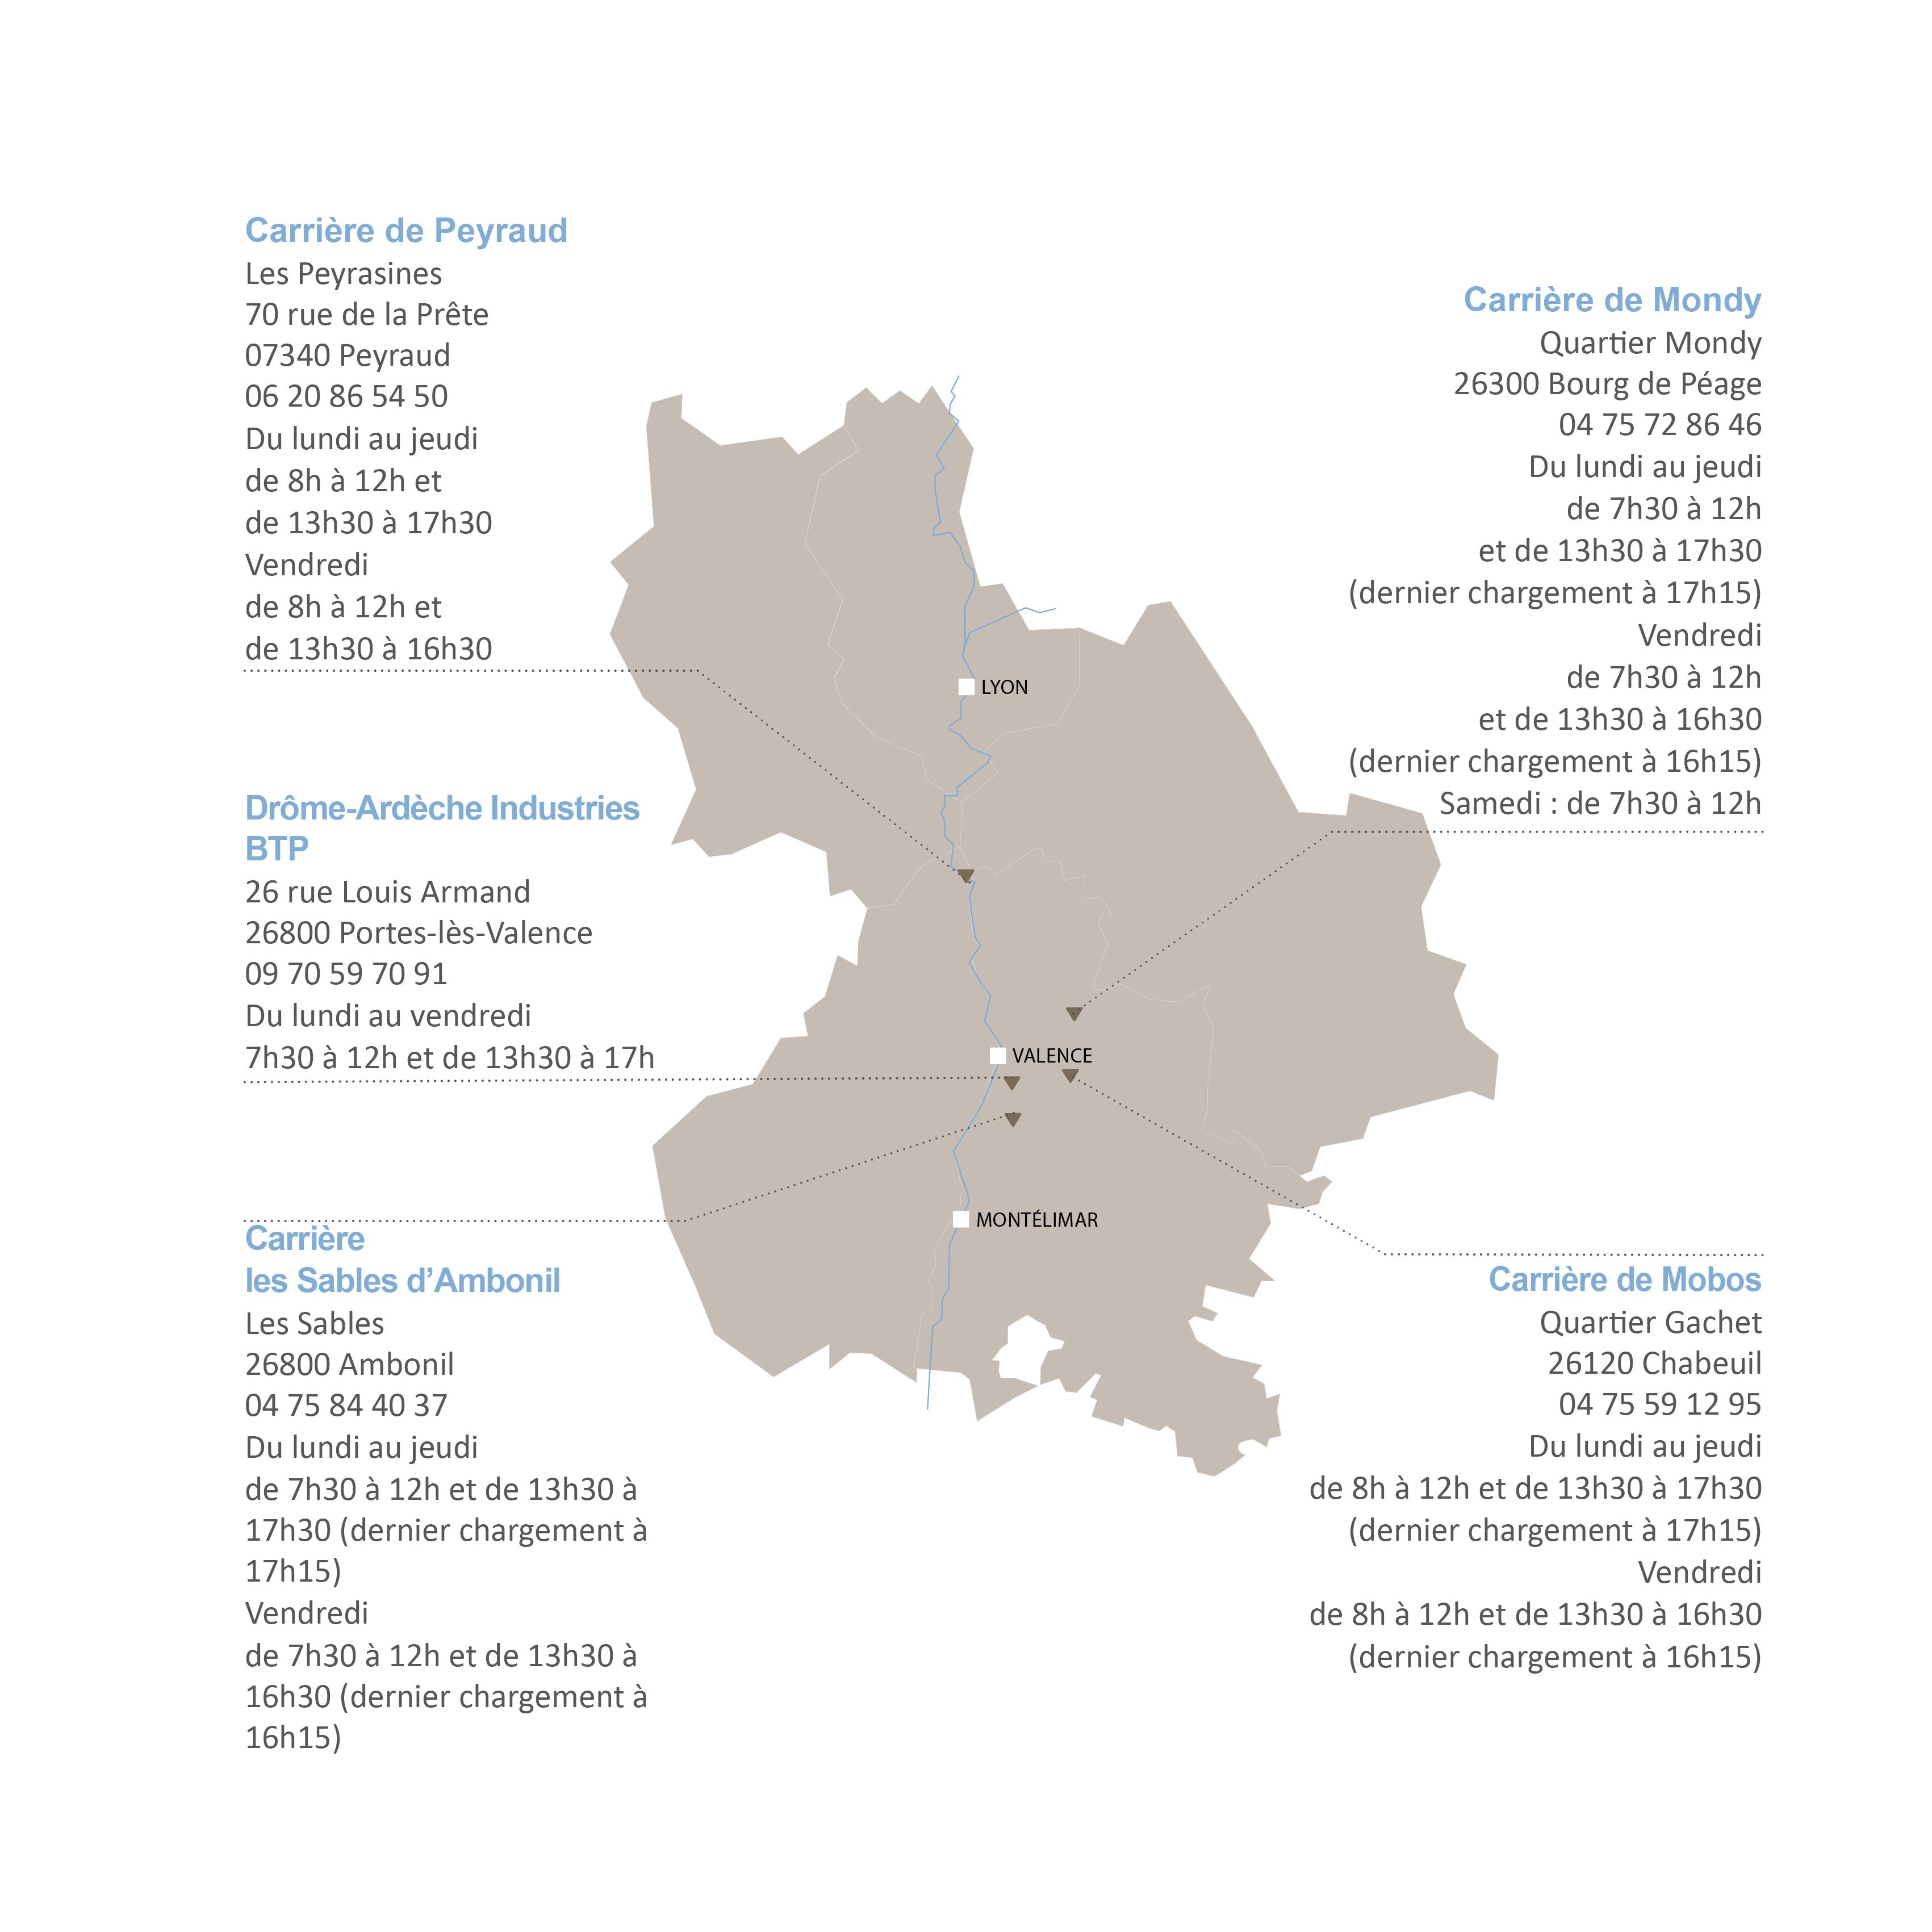 Implantation et horaires des carrières Cheval Granulats